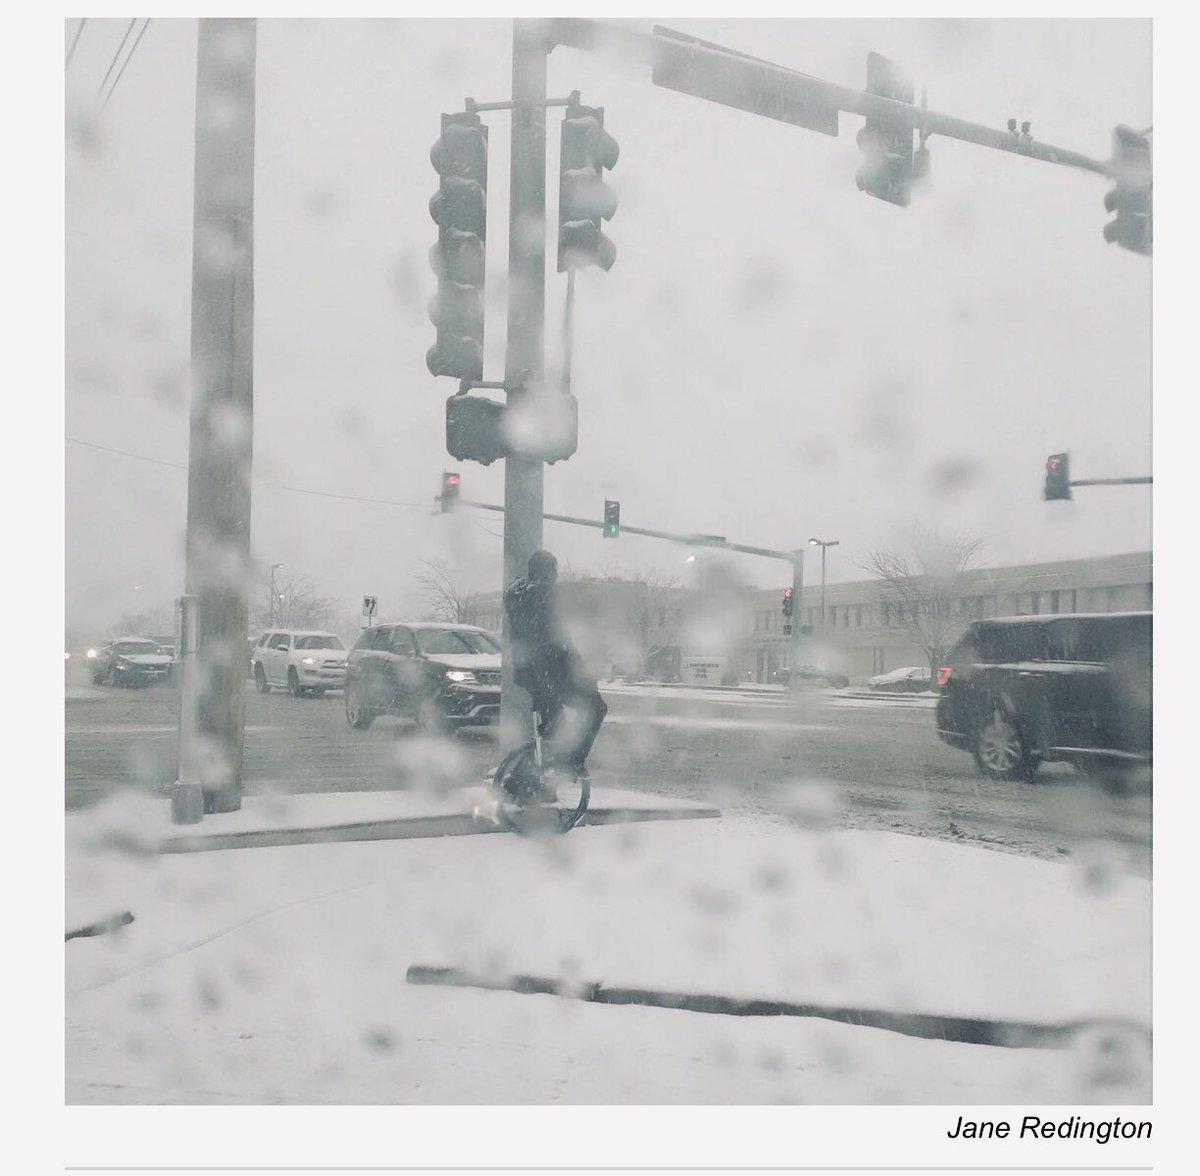 Negative Camber's photo on #snowpocalypse